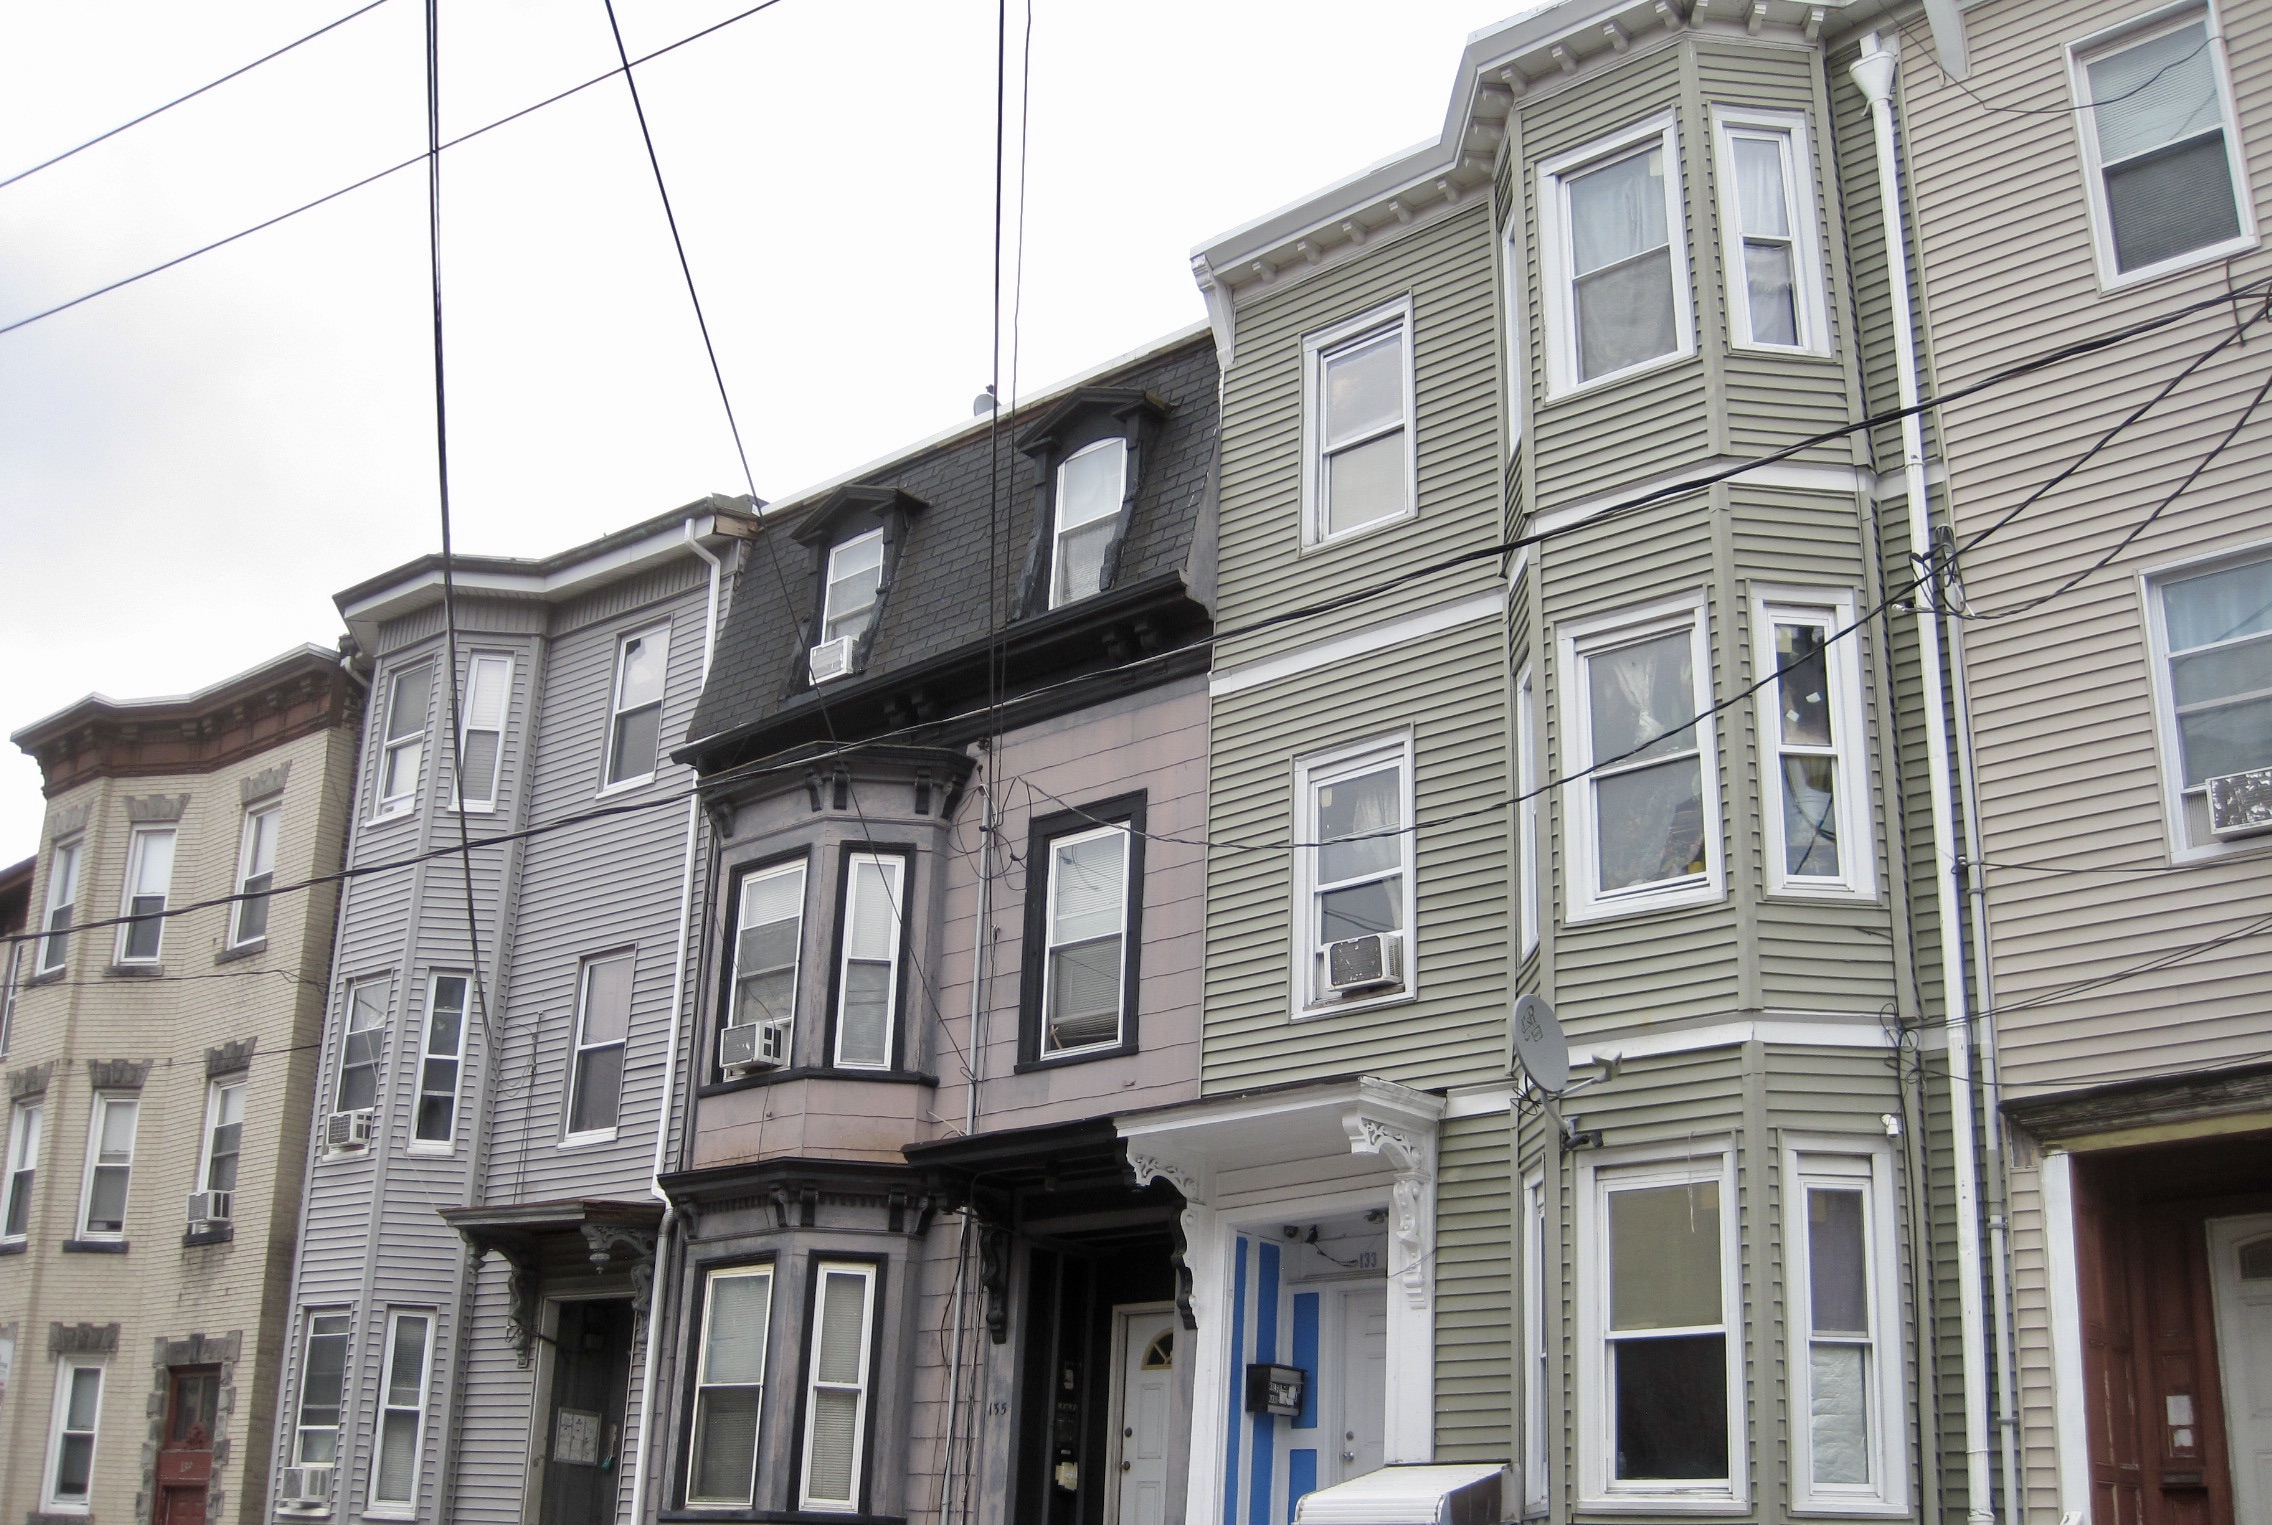 Triple-Decker Homes in East Boston